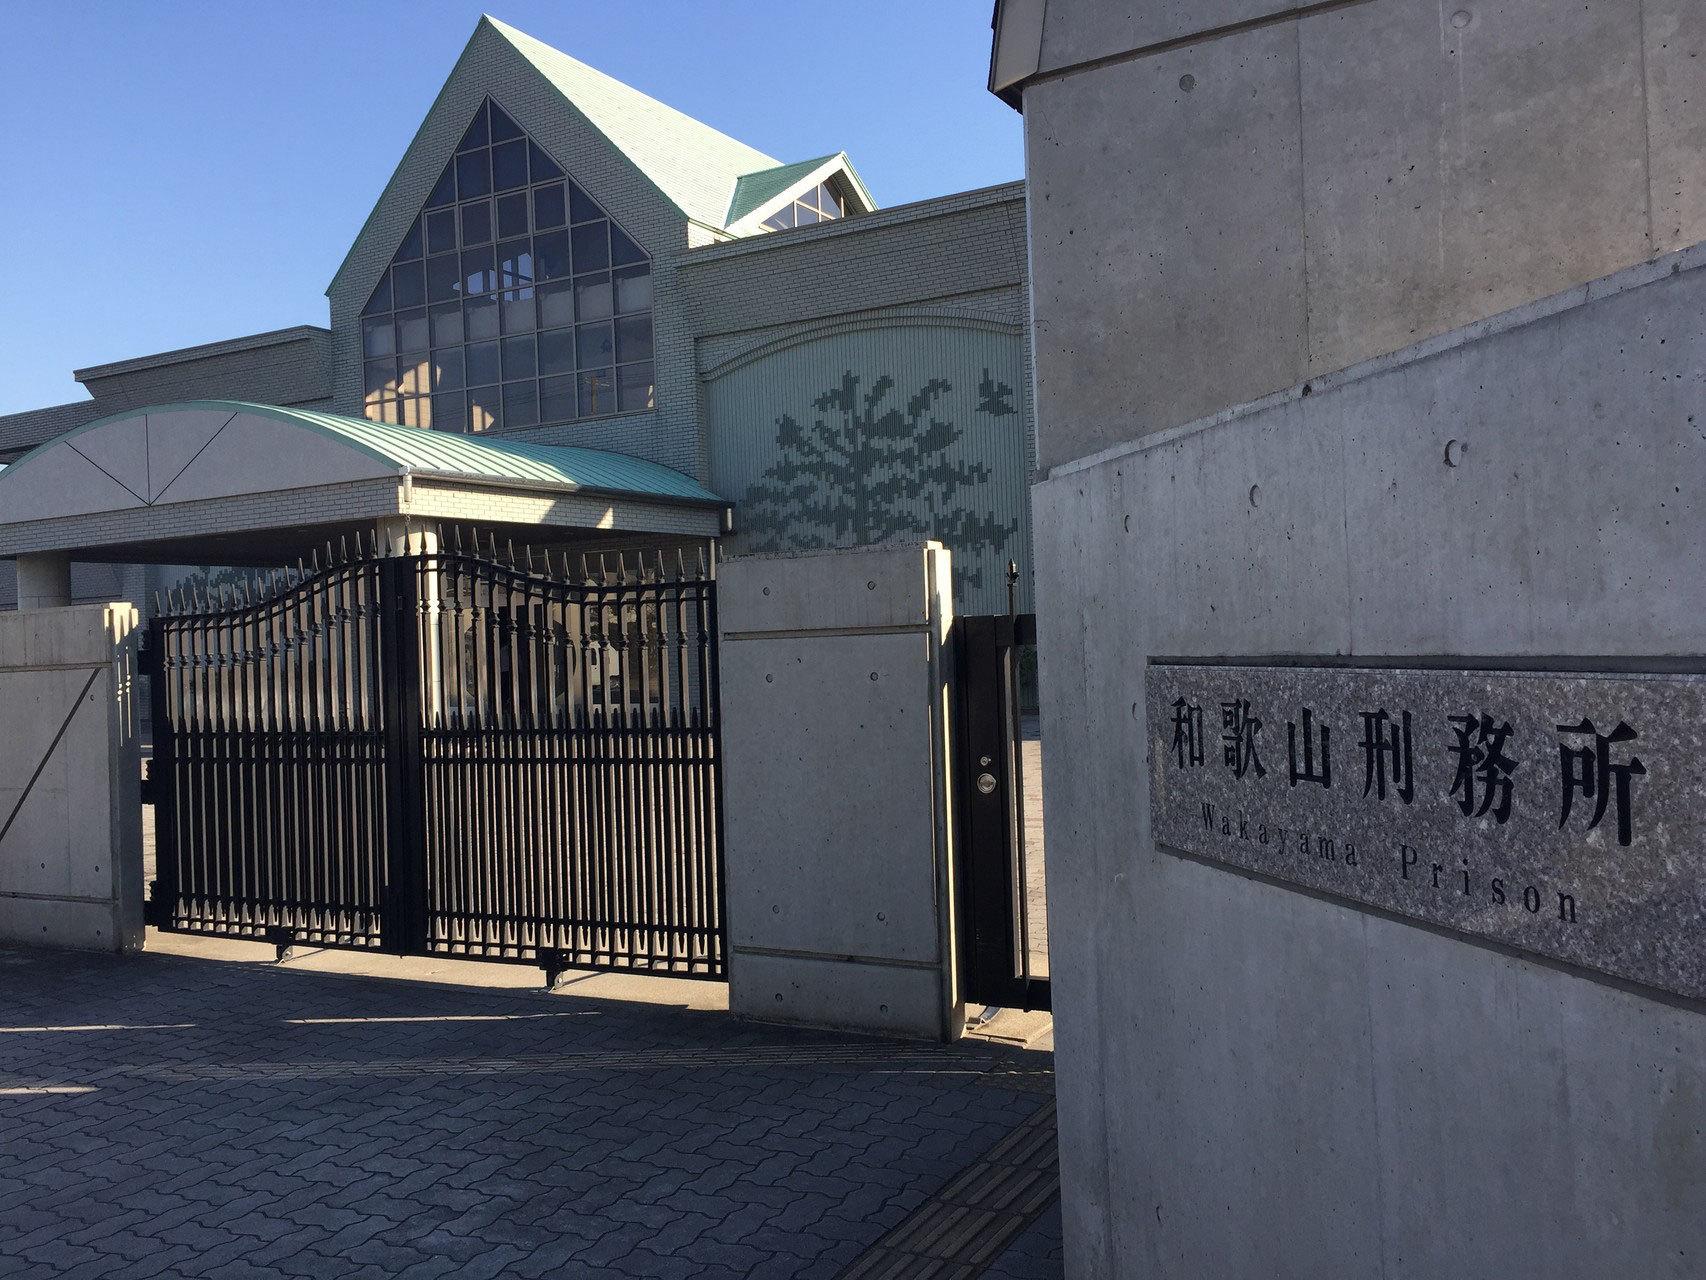 こだわりの桐箪笥の社長ブログ 和歌山女子刑務所の現状を勉強しに伺いました。